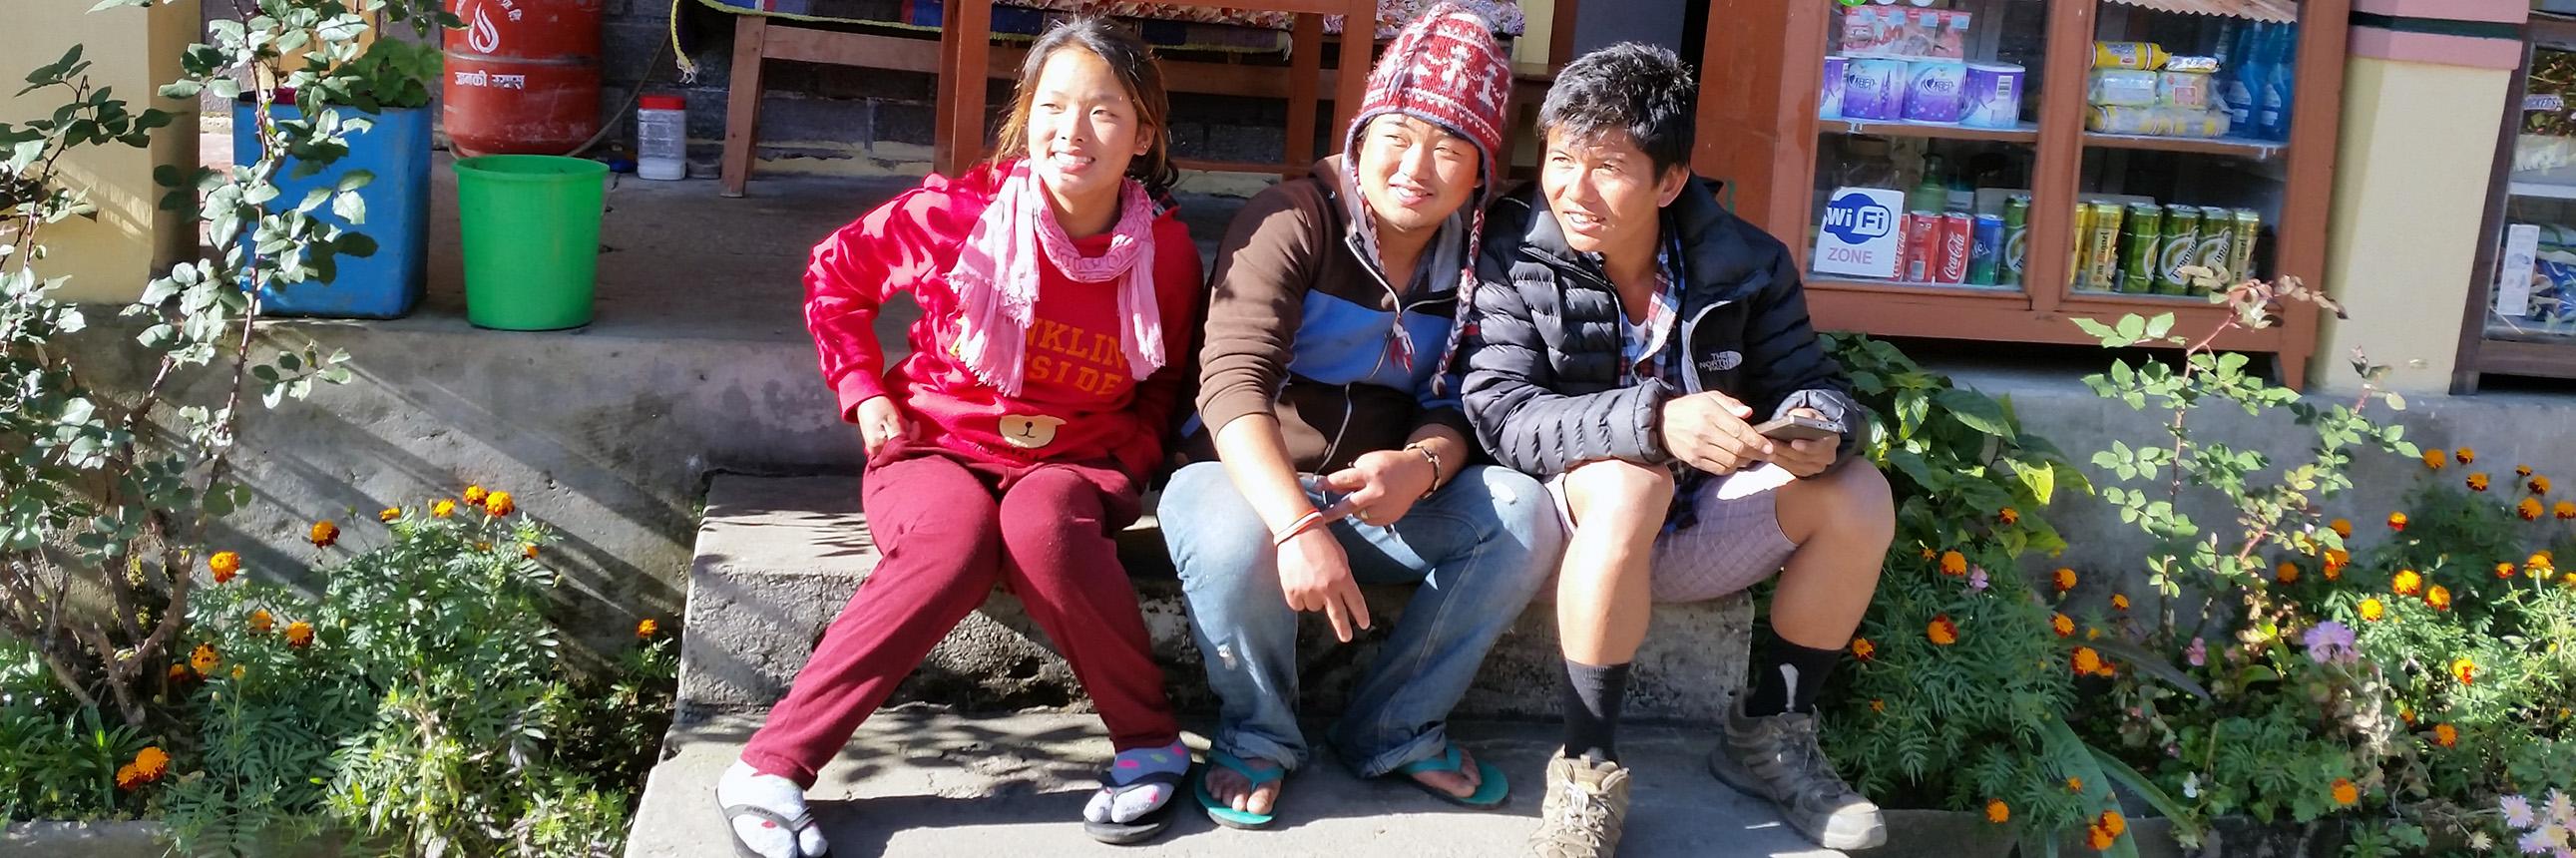 junge Leute aus Nepal in den Bergen